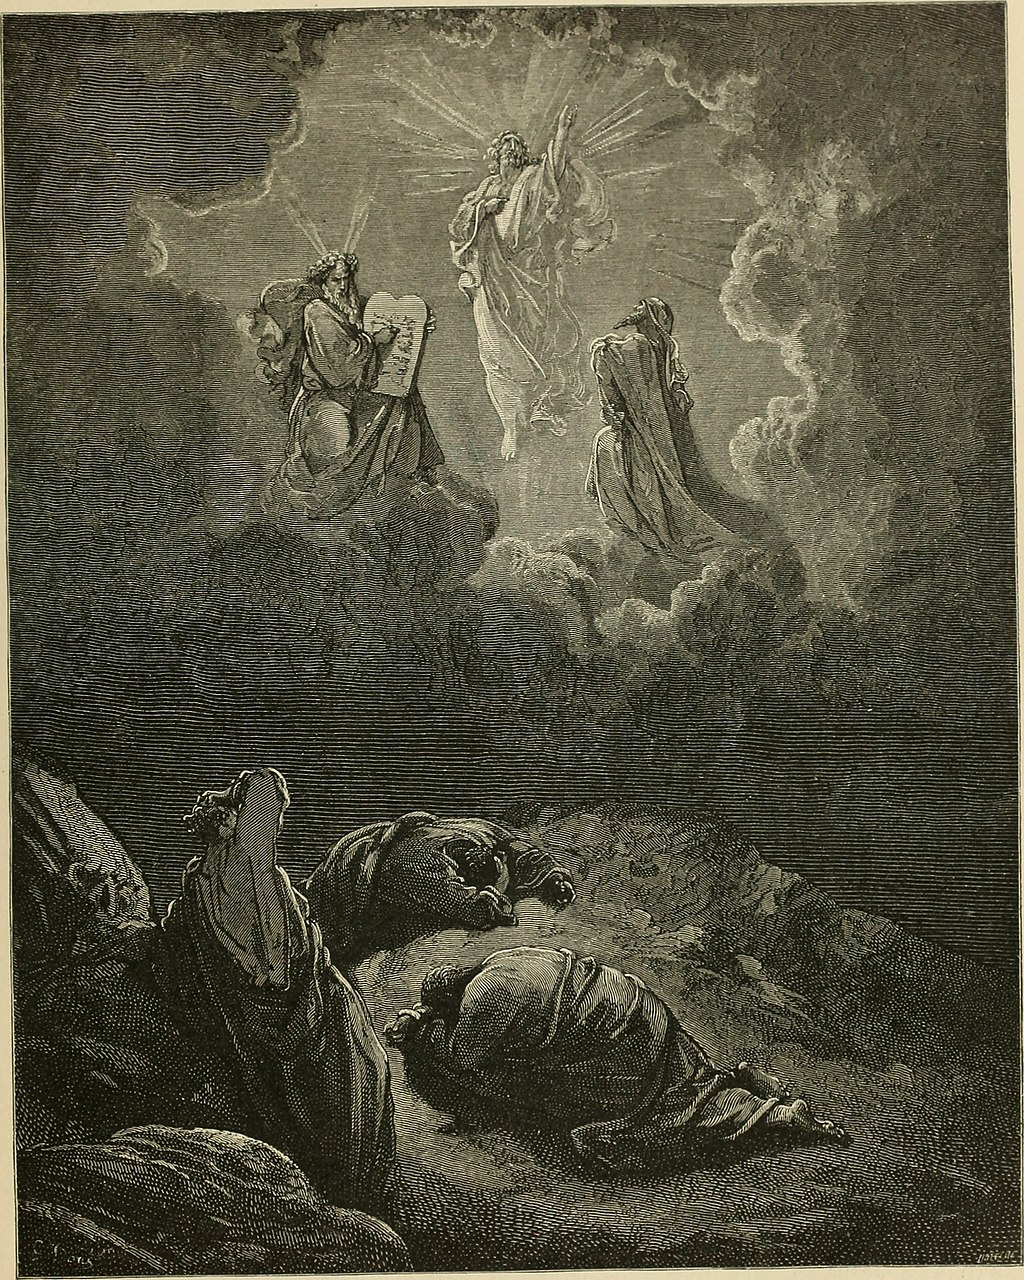 예수님의 영광스러운 변모 (귀스타브 도레, Gustave Dore, 1865년)